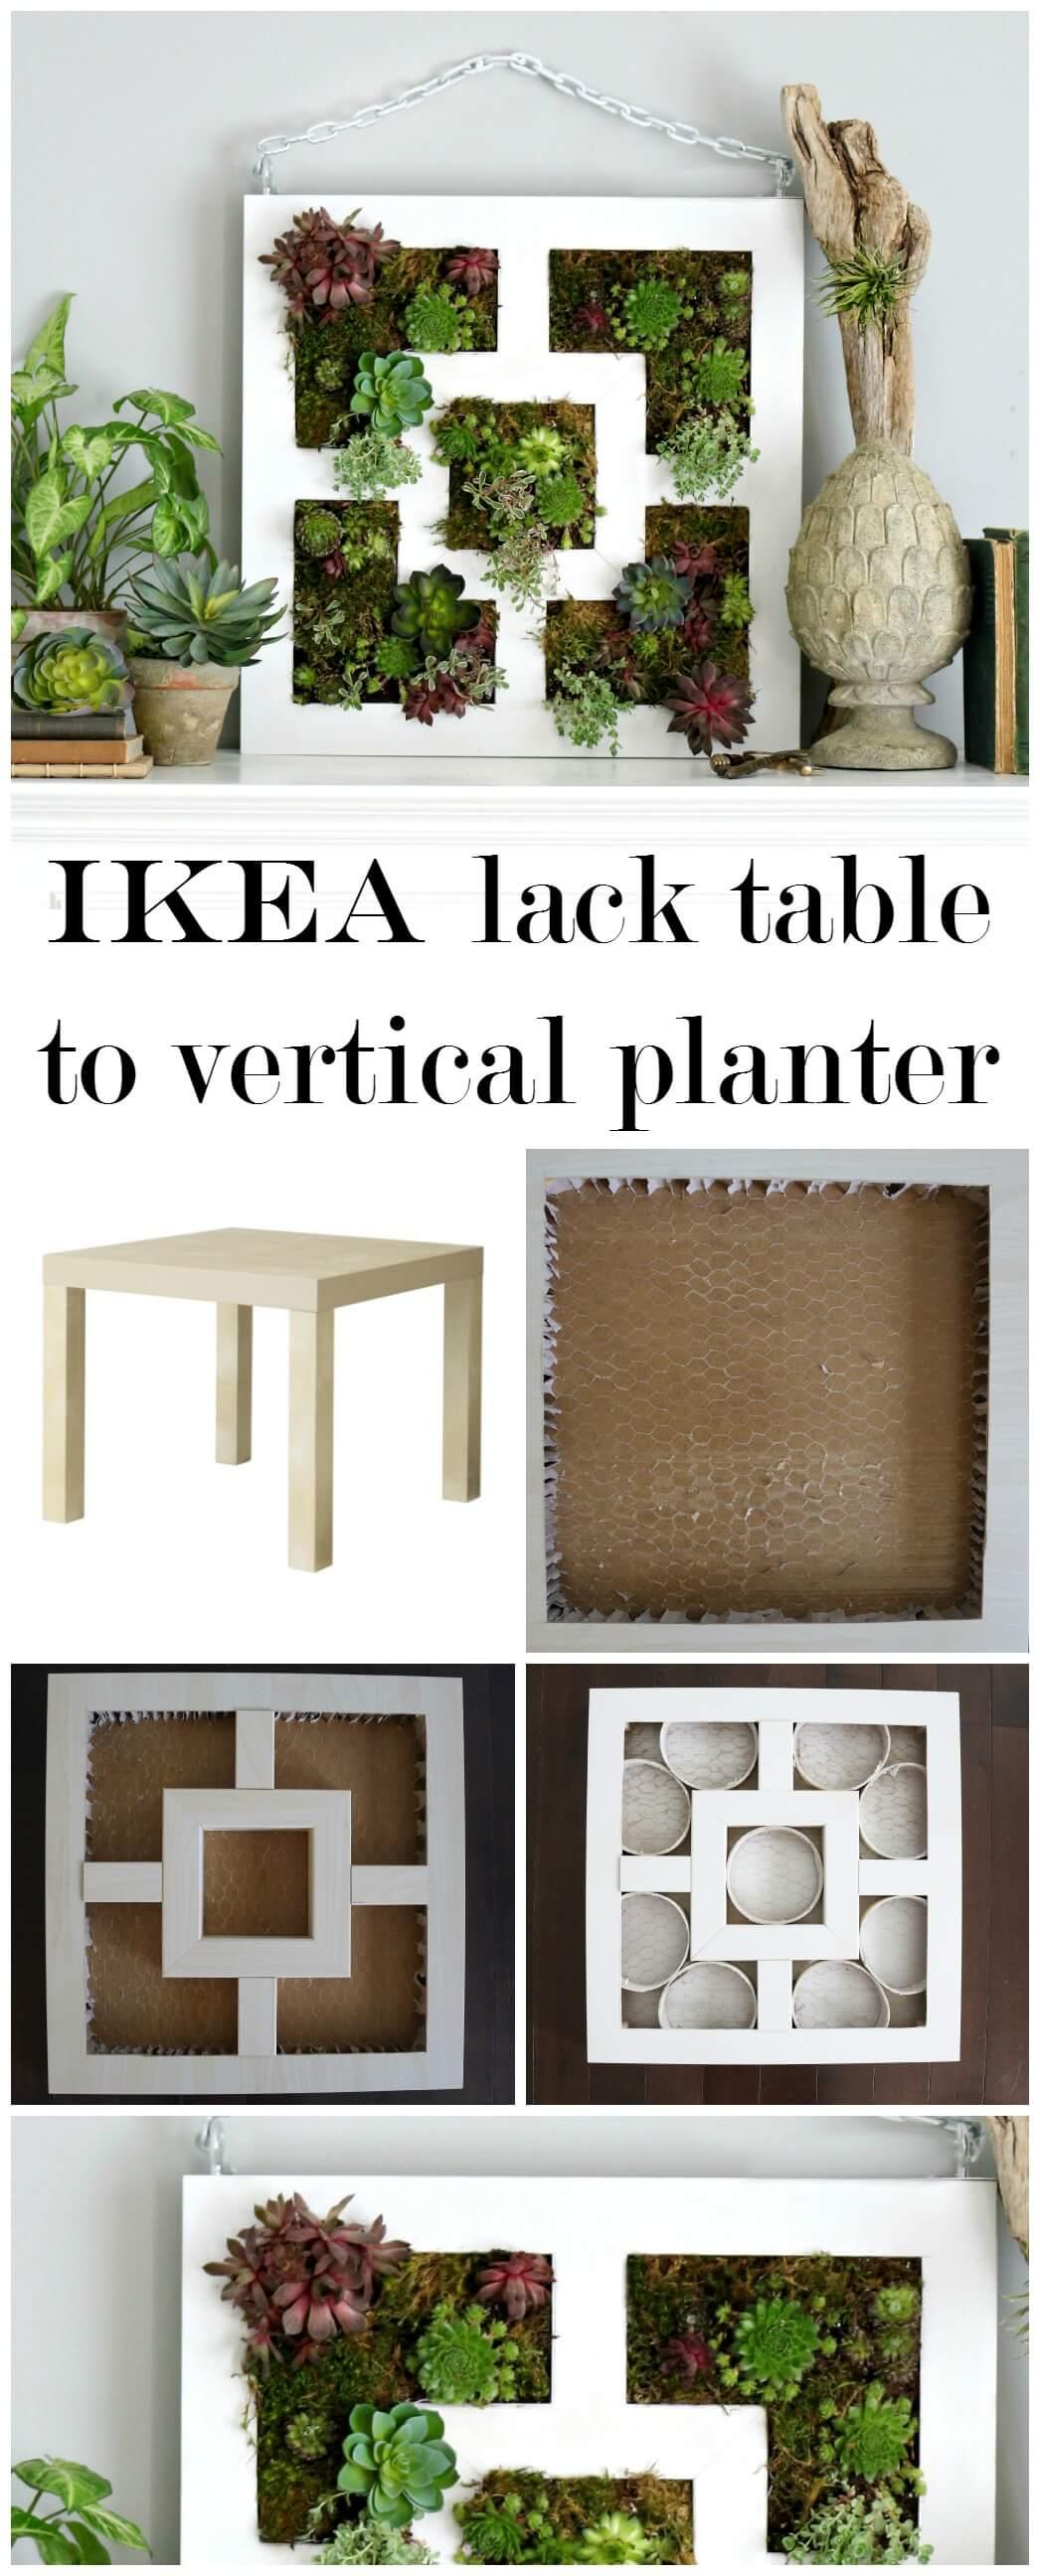 Réutiliser une table en tant que jardinière verticale